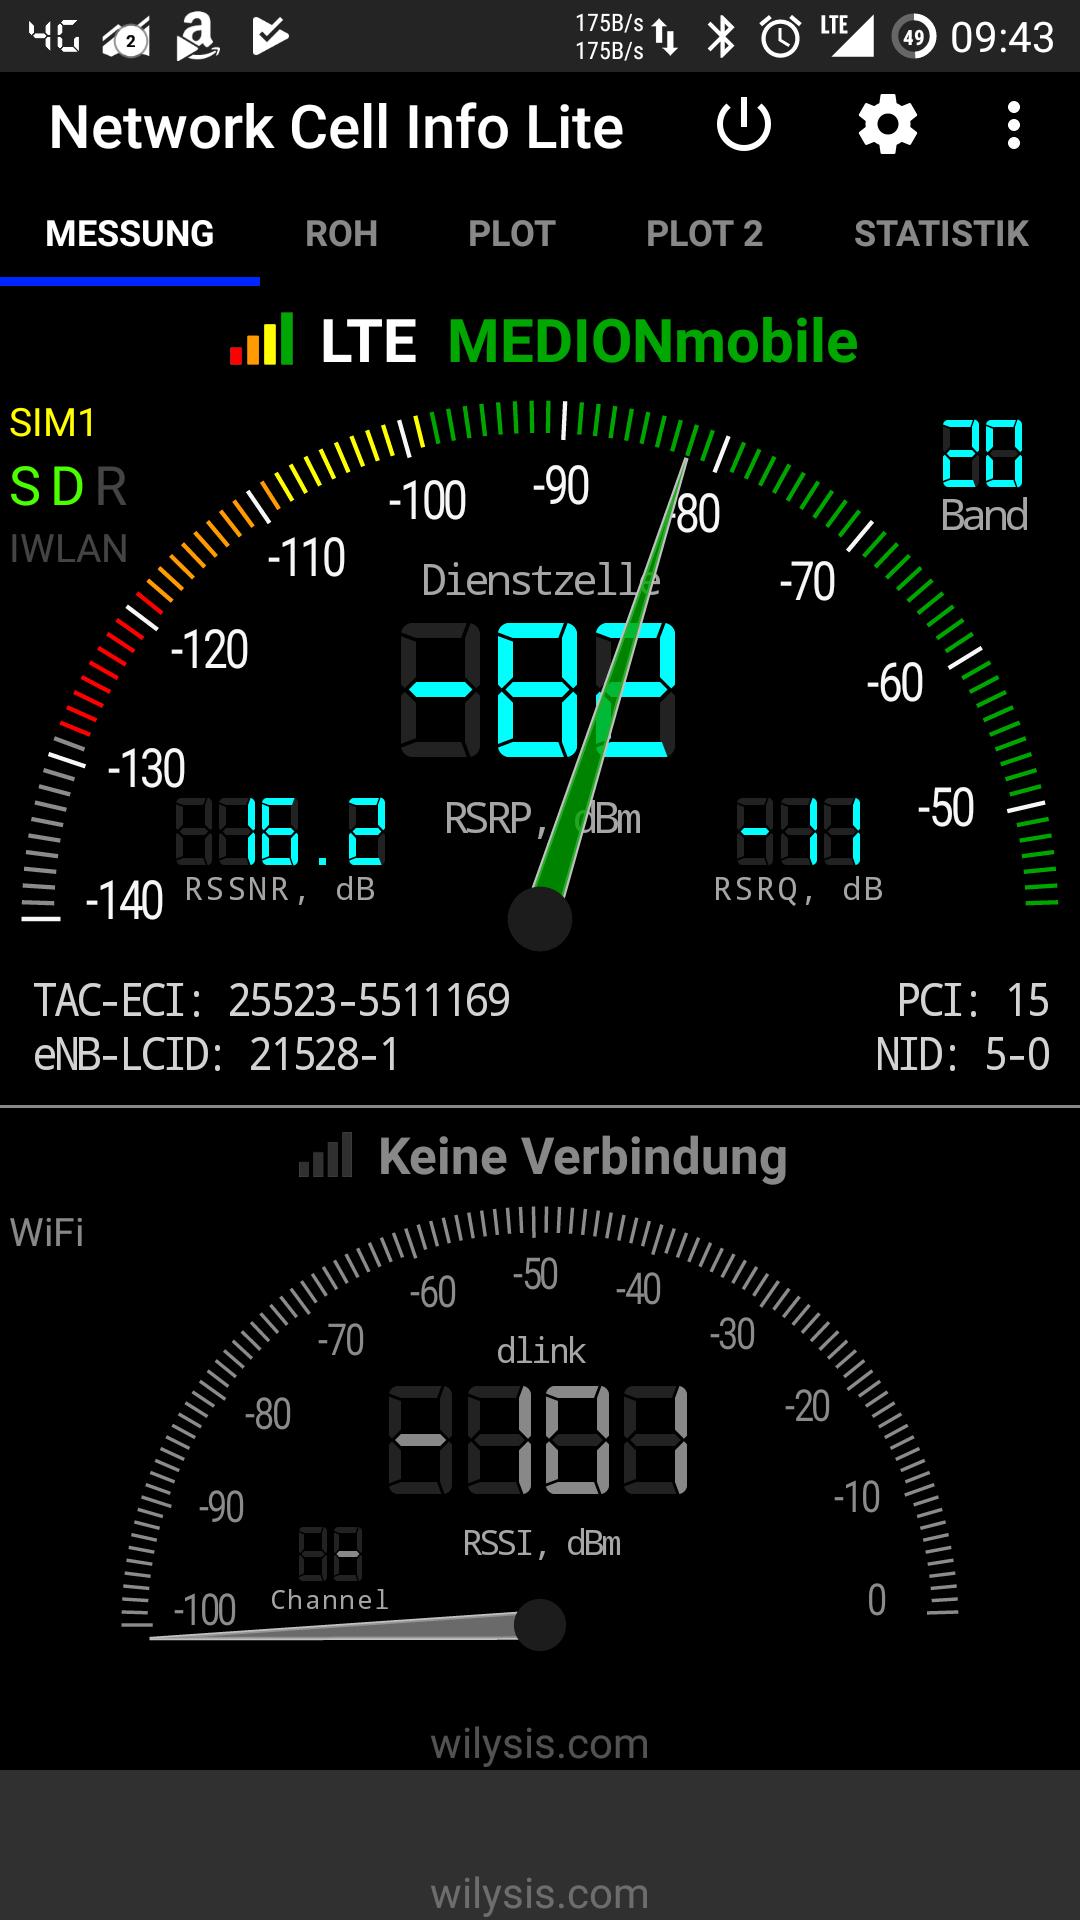 14556058-YX9Wk.jpg